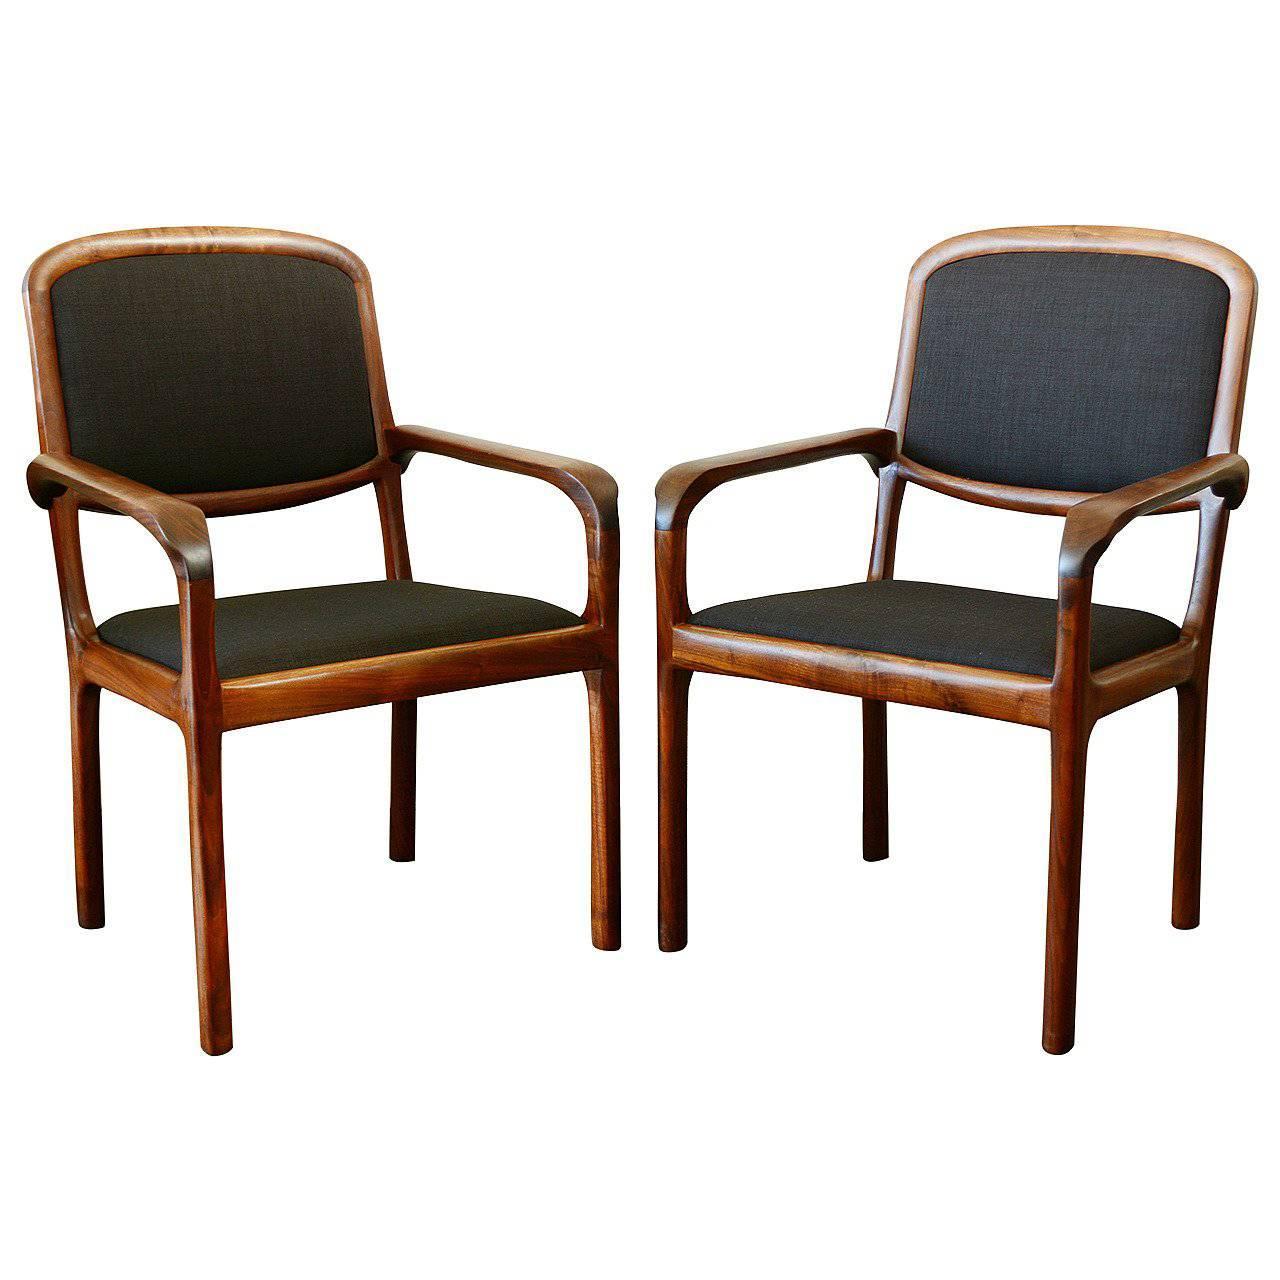 Pair Of Studio Craft Walnut Chairs